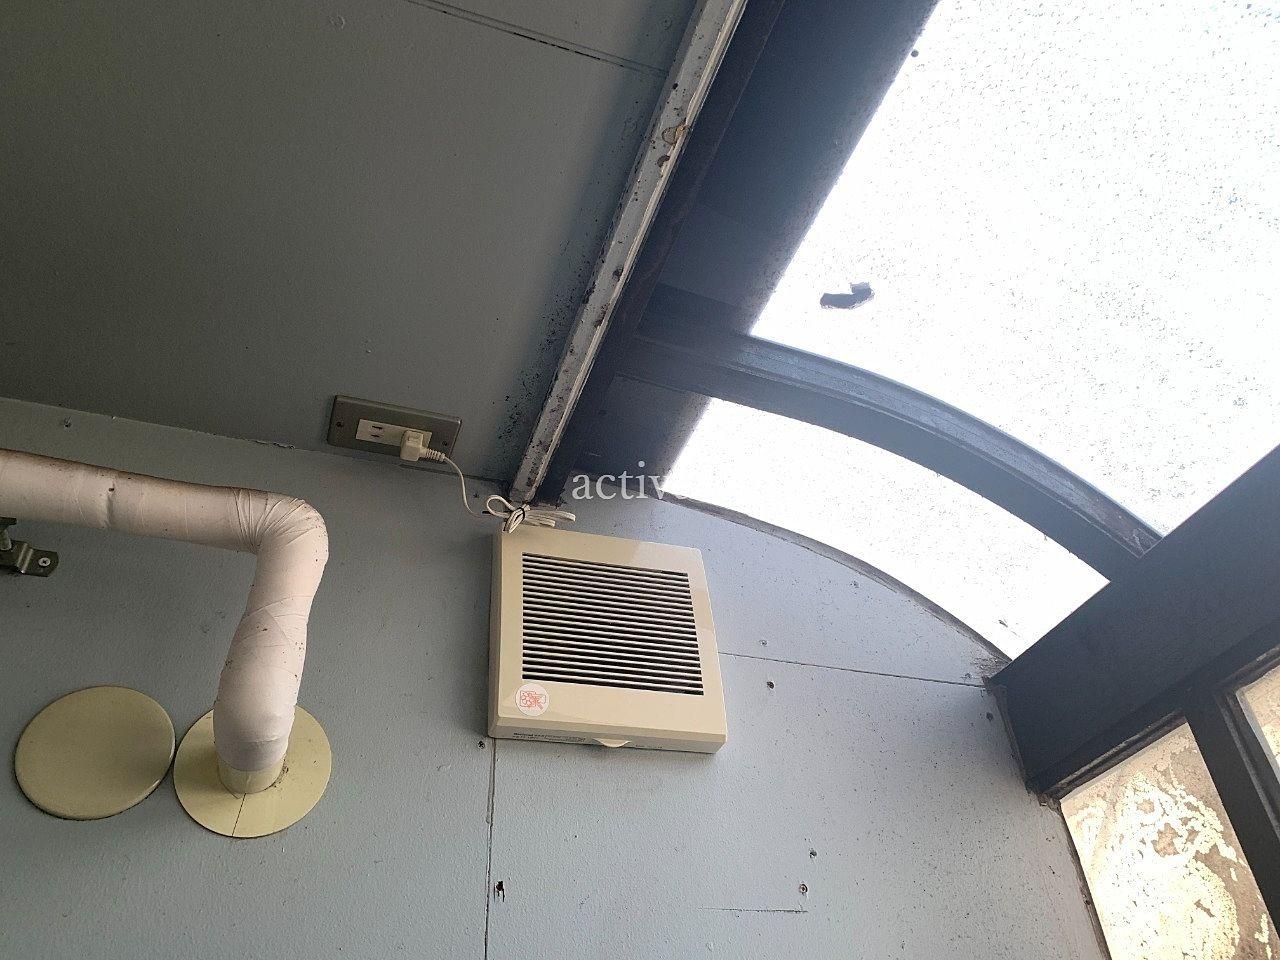 ア・ス・ヴェルデⅢ共用スペースの換気扇を掃除しました。